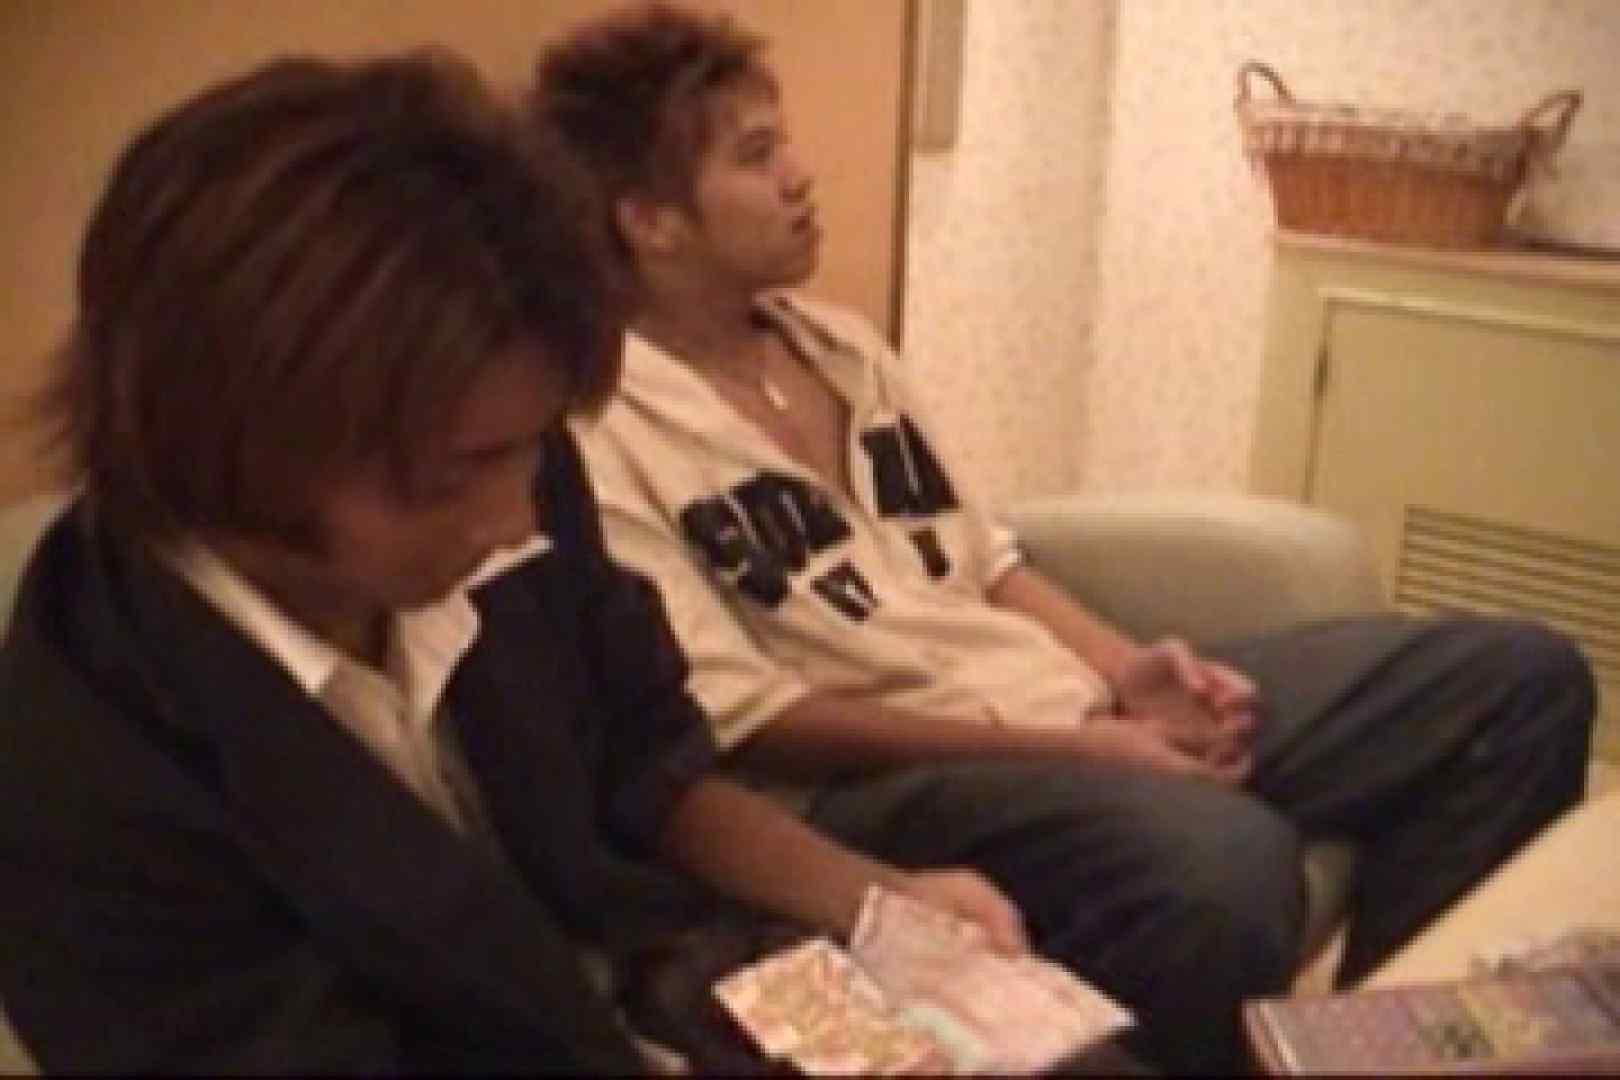 【流出】ジャニ系イケメン!!フライング&アナルが痛くて出来ません!! 茶髪 亀頭もろ画像 72枚 55